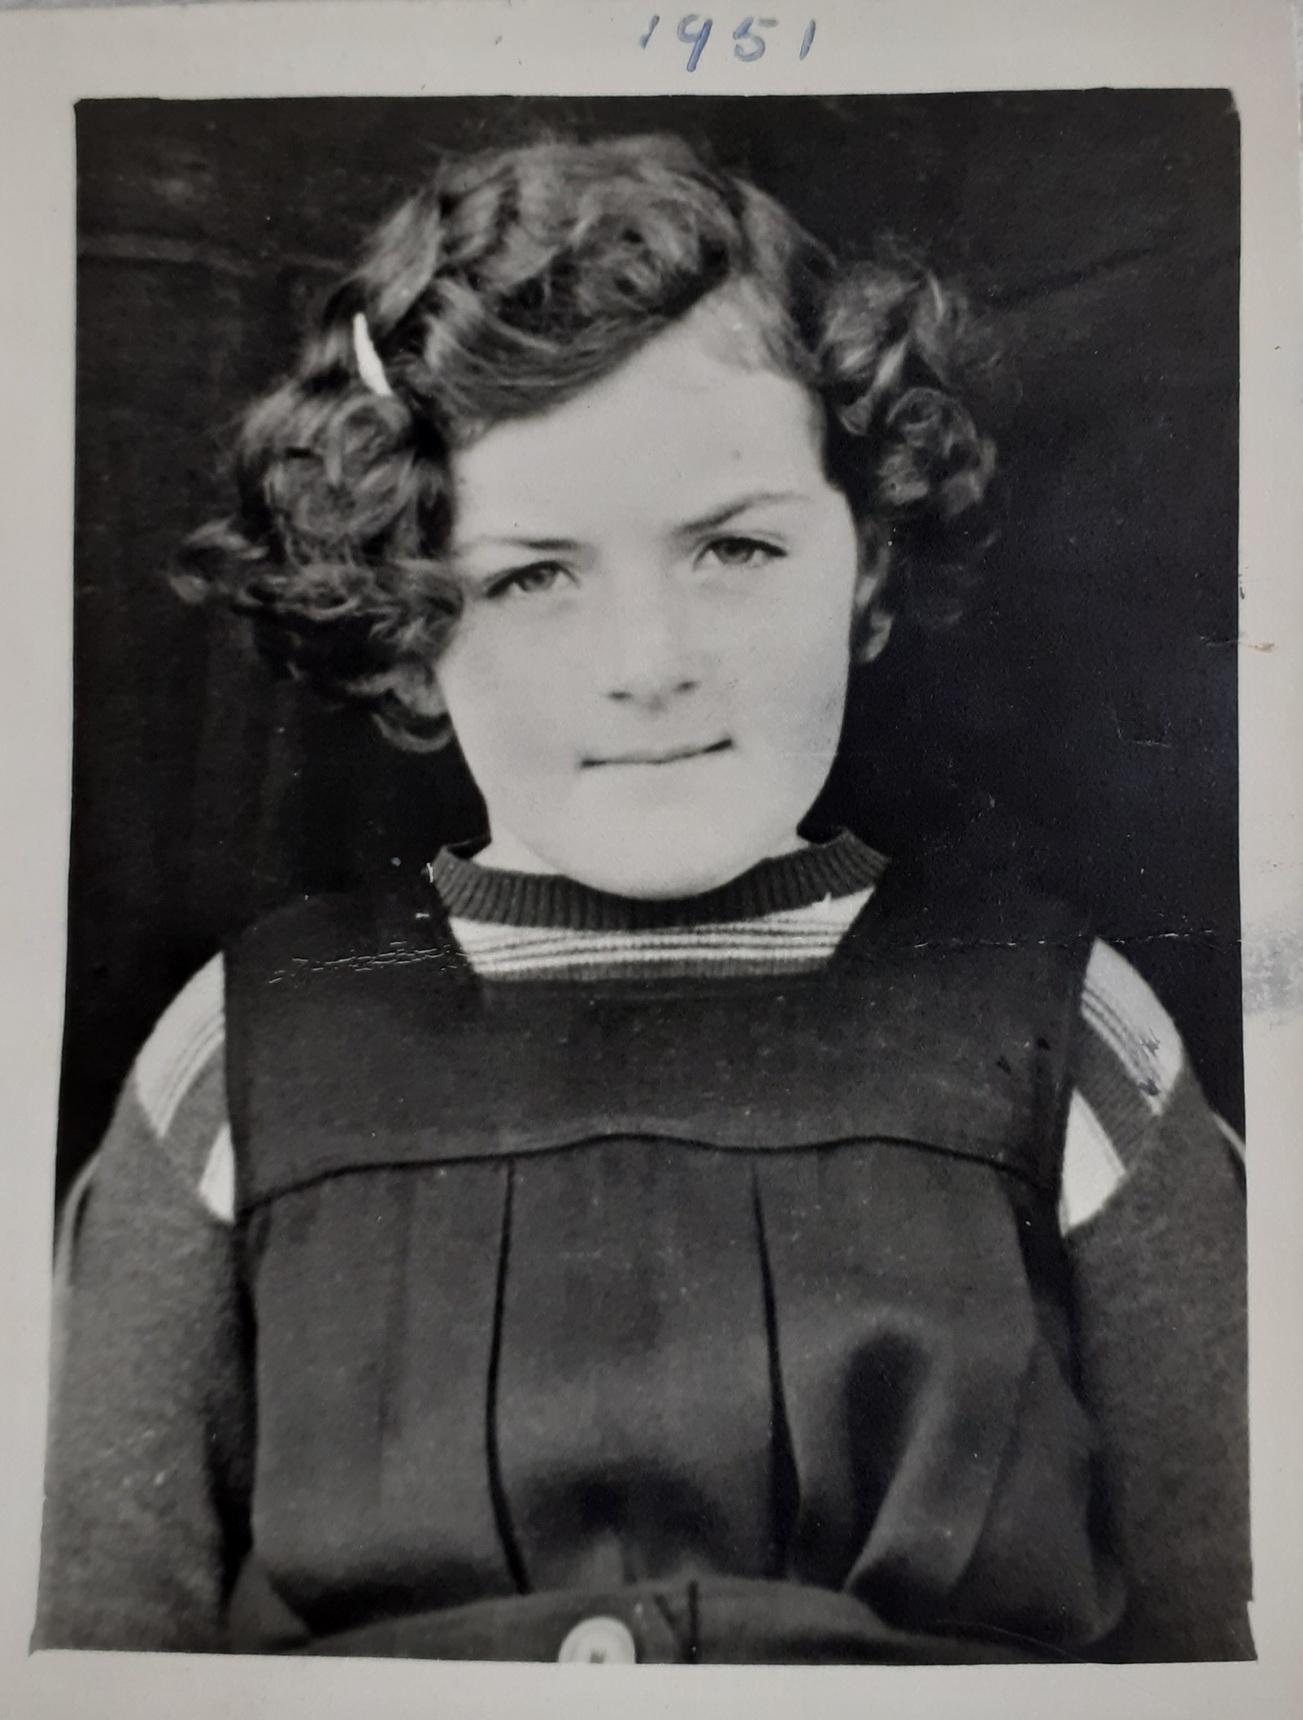 Wester Hailes Primary School School Photo 1951